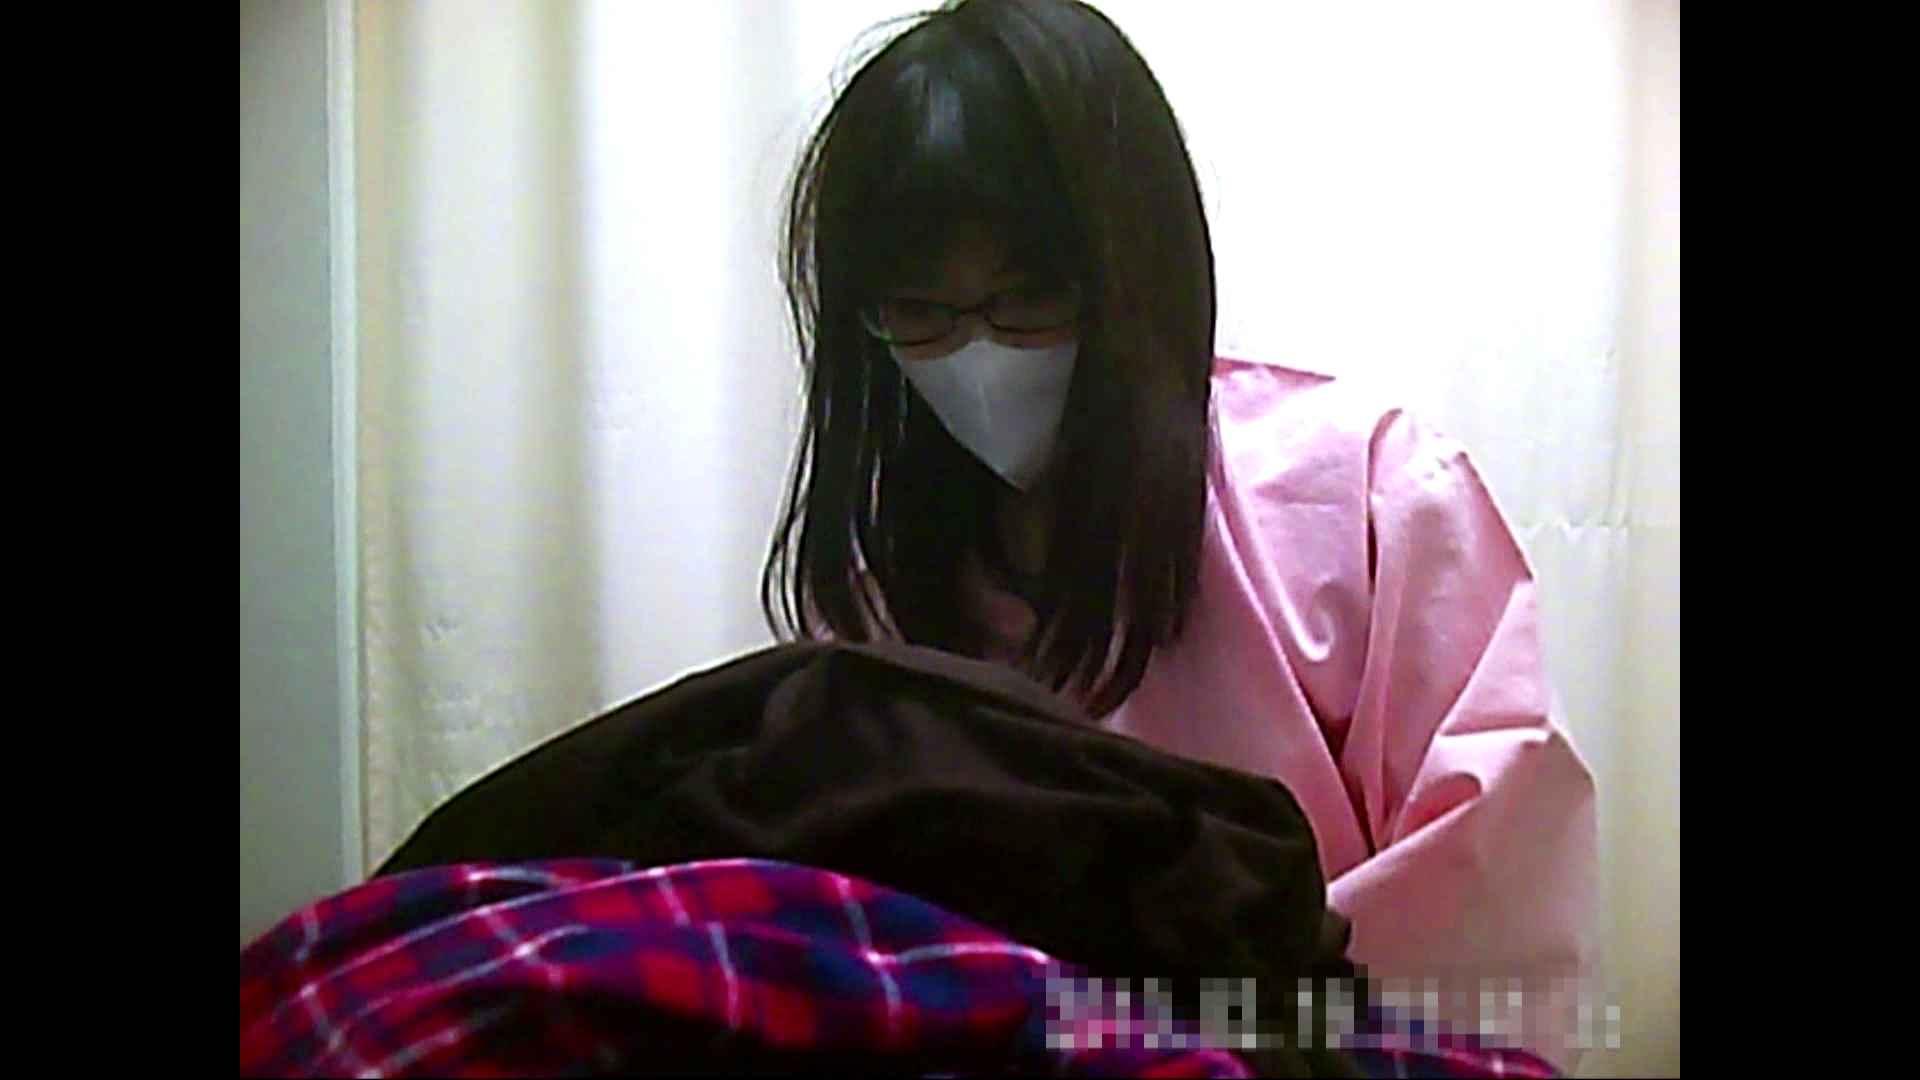 元医者による反抗 更衣室地獄絵巻 vol.141 OLハメ撮り  78Pix 6